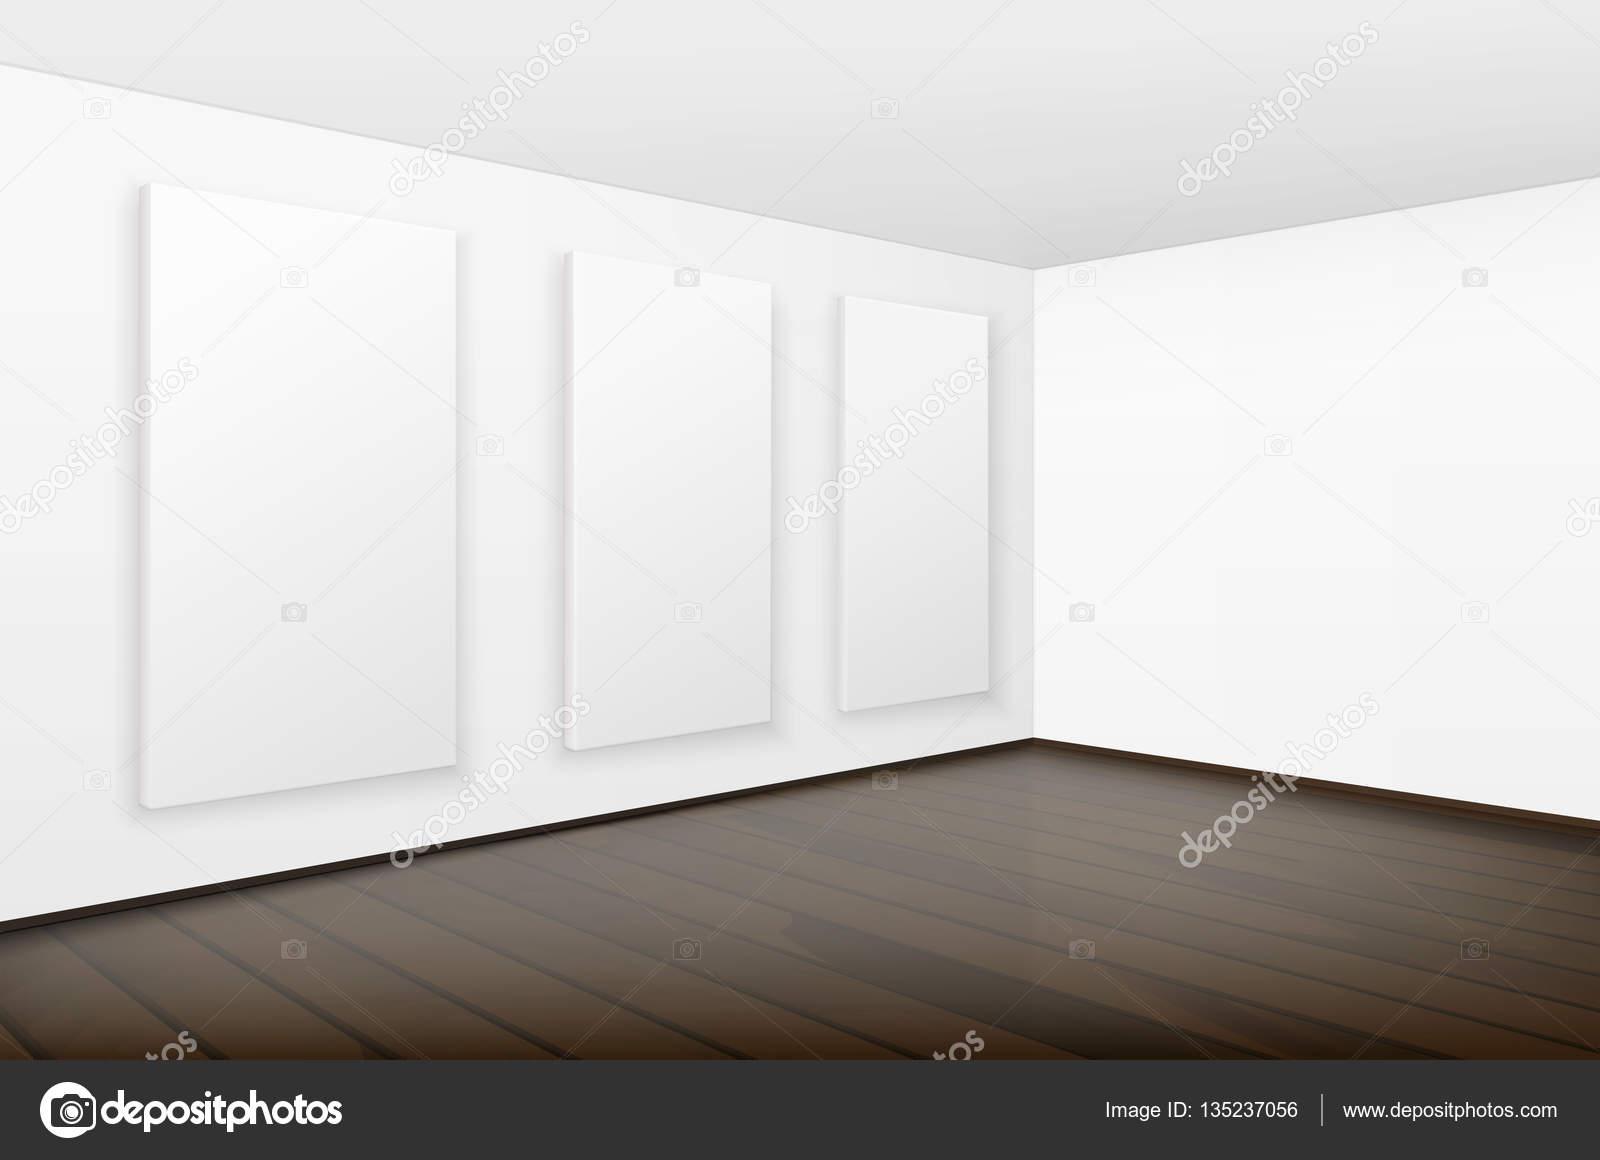 Vector fotos carteles blanco en blanco vacío marcos de paredes con ...